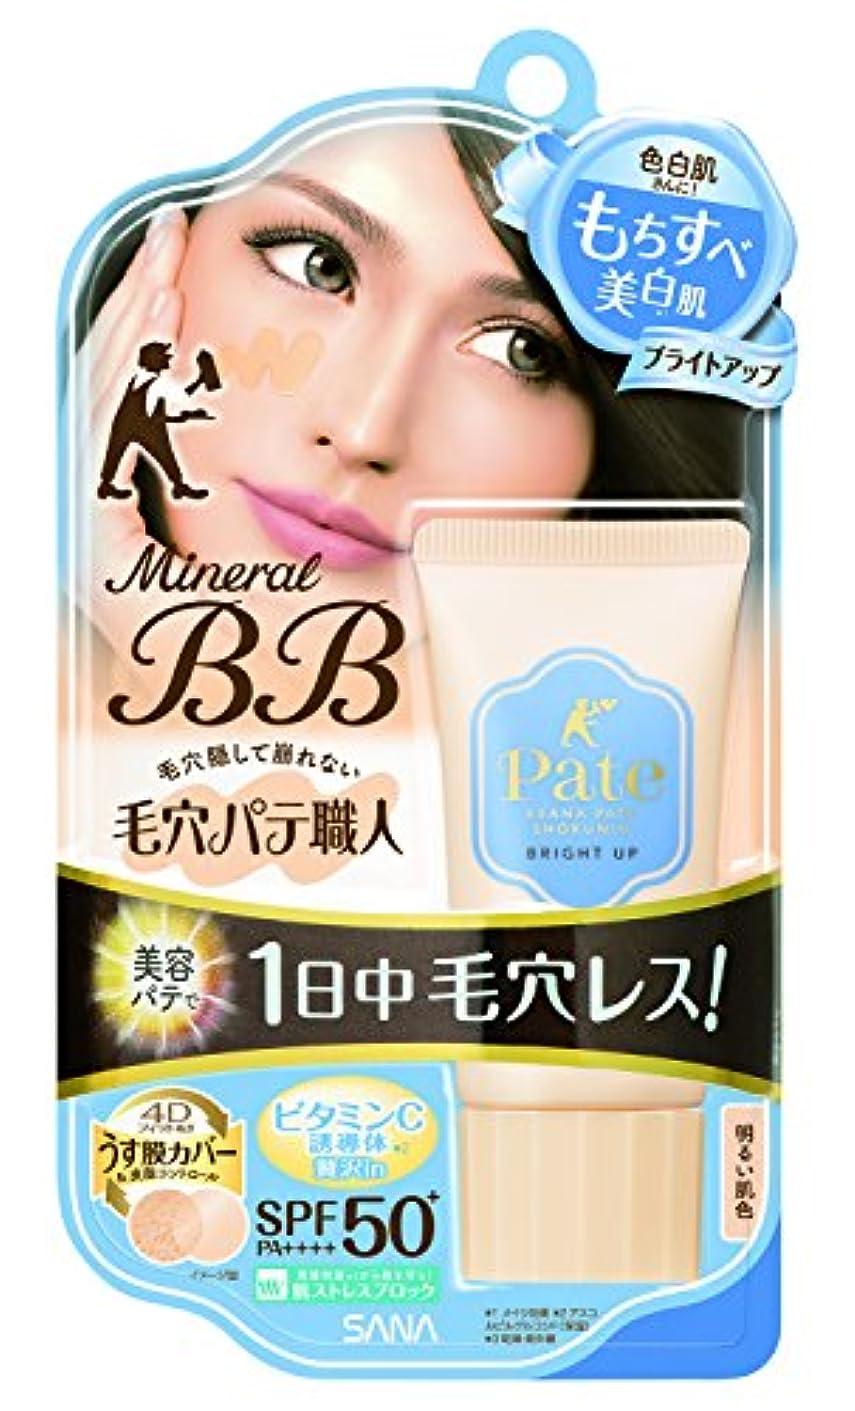 傑出した先にボイド毛穴パテ職人 ミネラルBBクリーム ブライトアップ 明るい肌色 30g